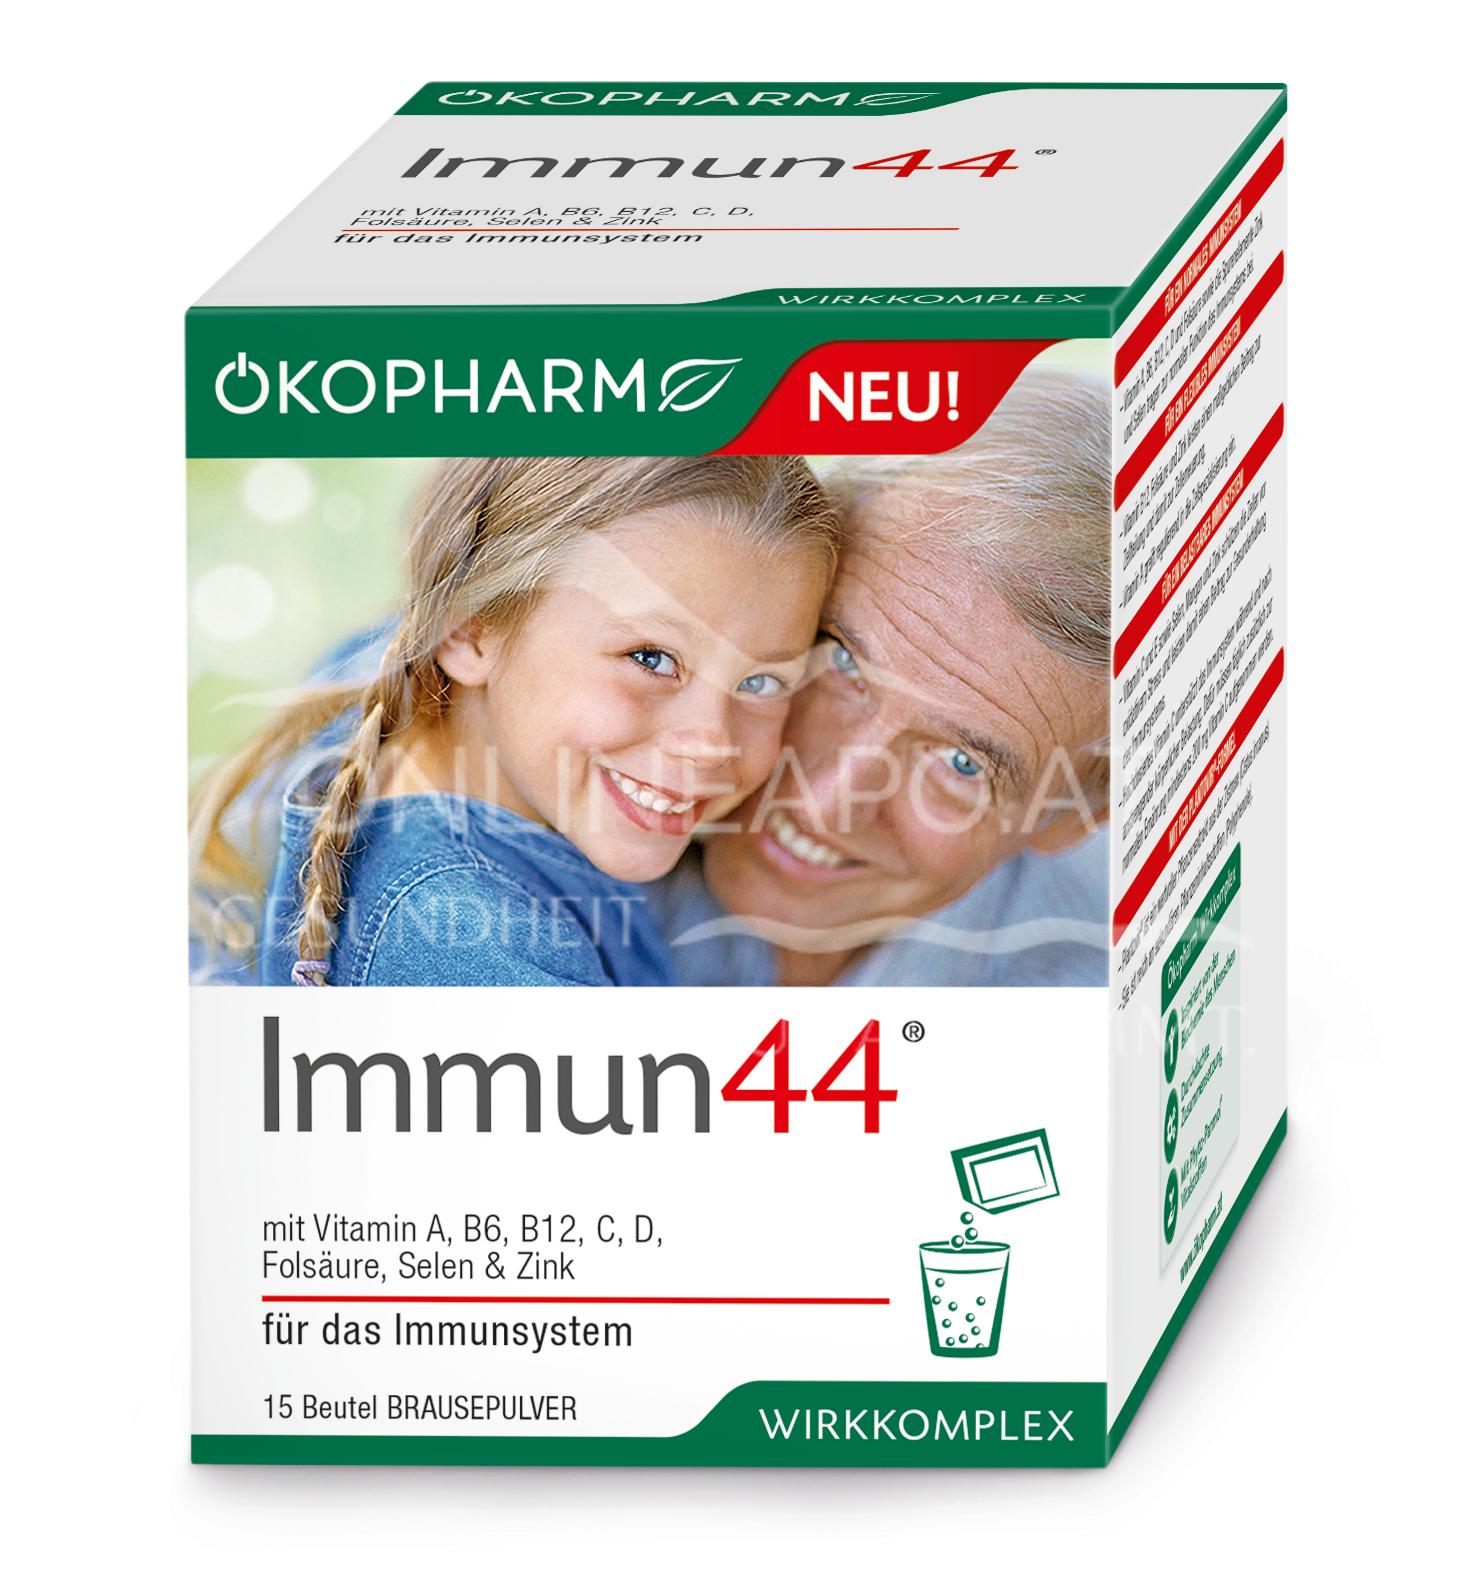 Immun44® Brausepulver